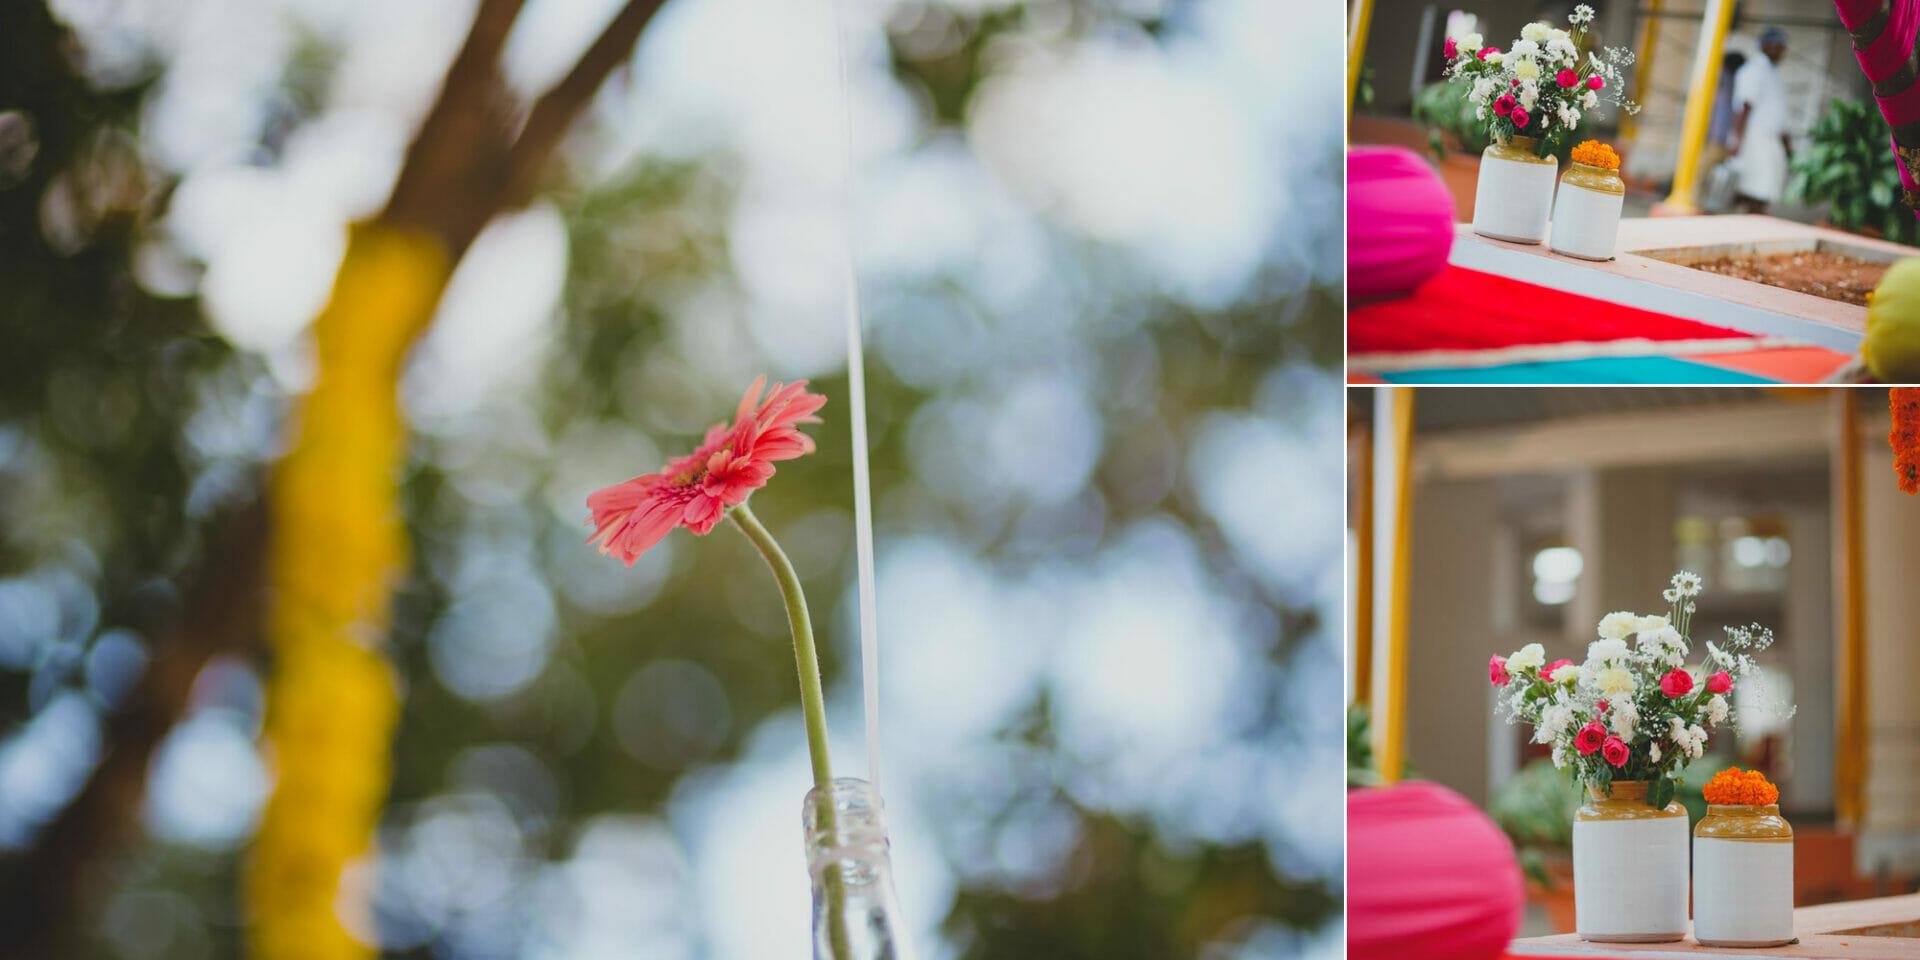 shruti annayya sree vikash photography mehandi sangeeth kalathur gardens 4